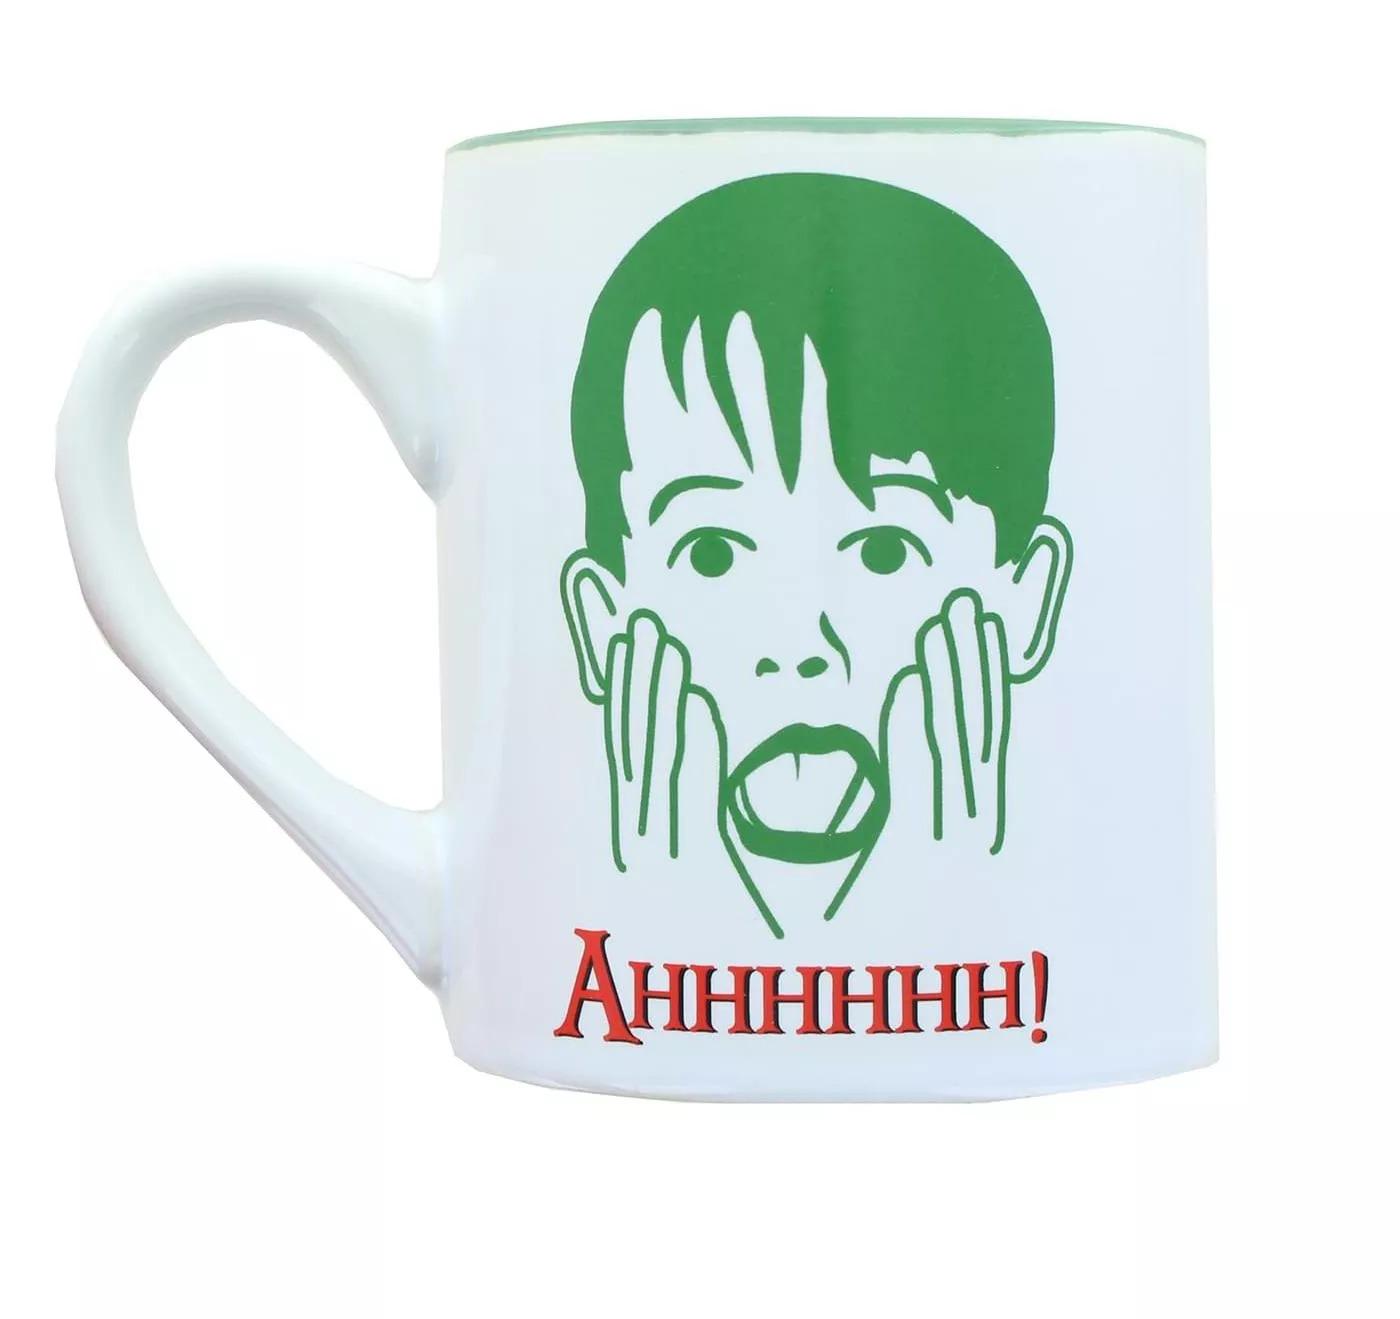 Home Alone Christmas Mug